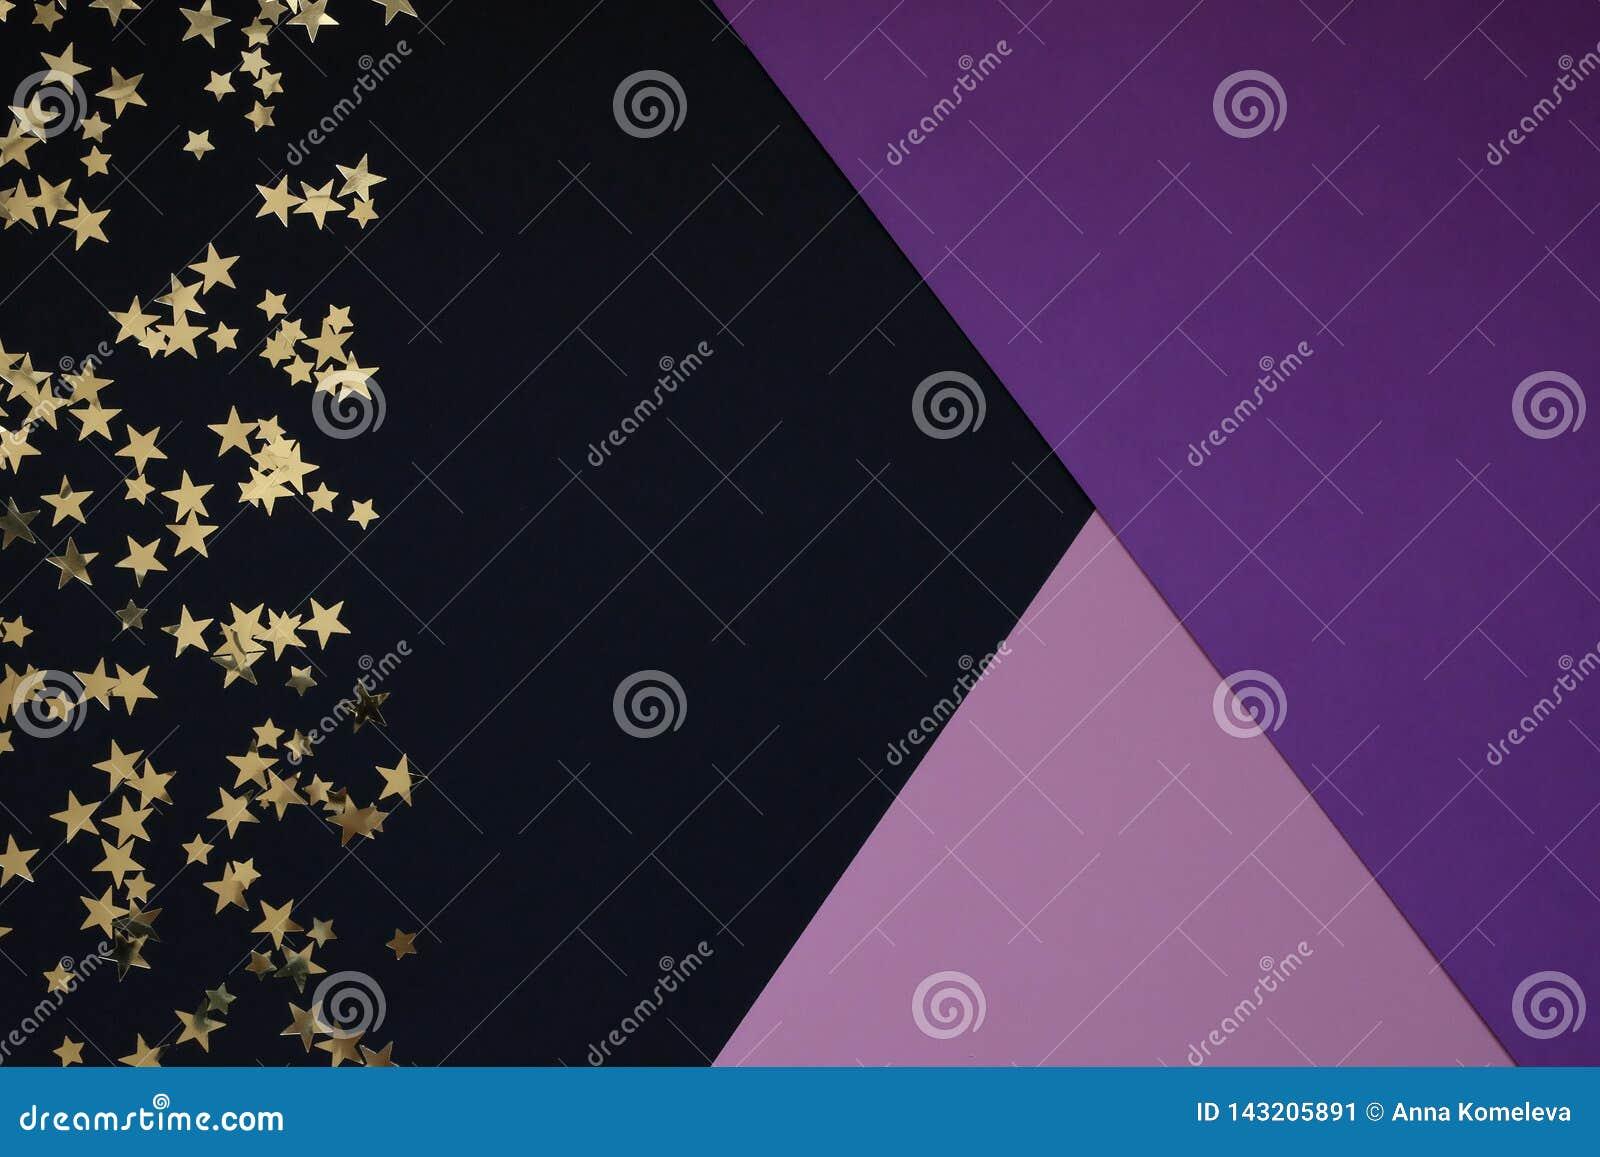 Horizontal festive background.